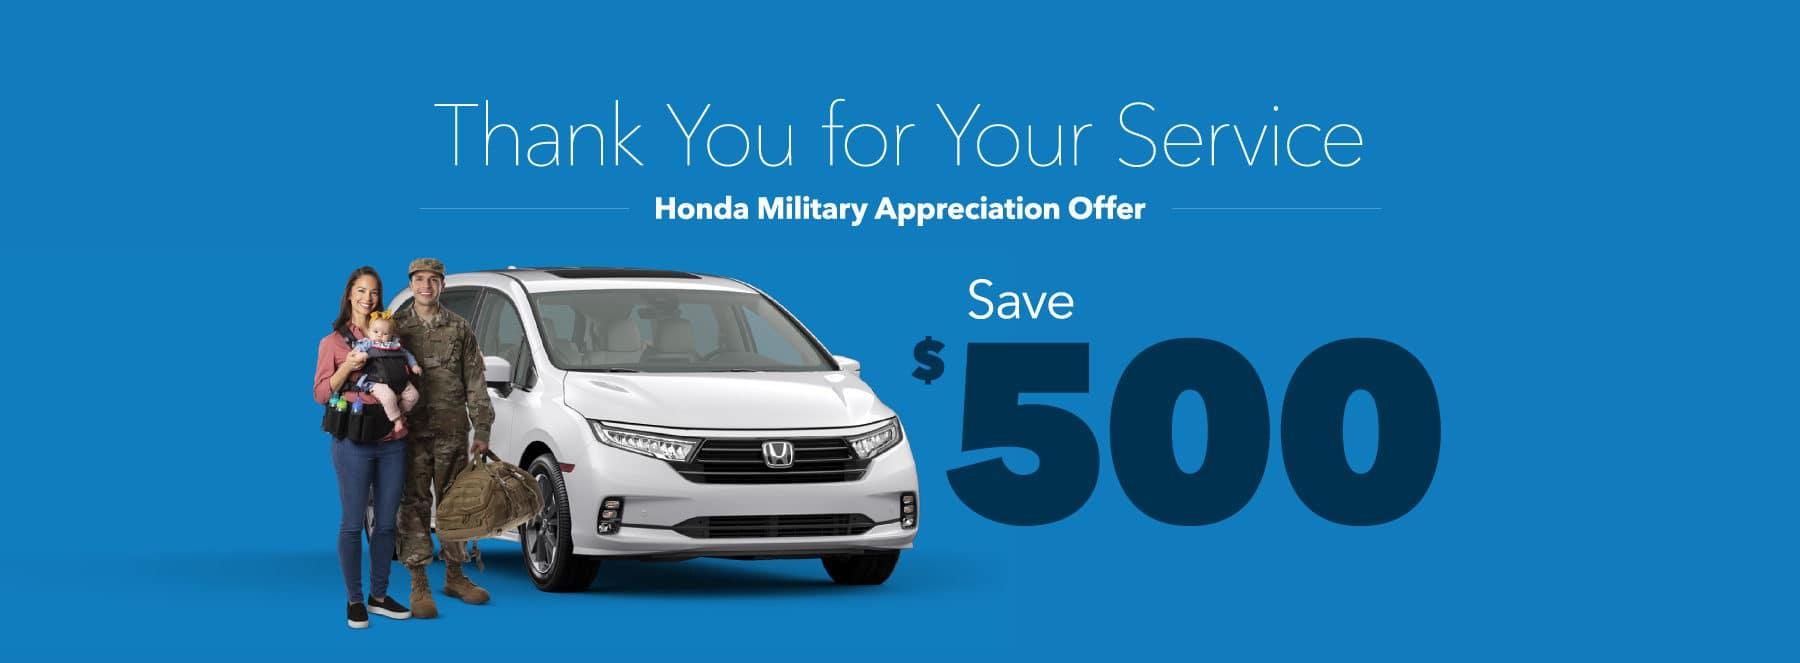 21Jun-Honda-military